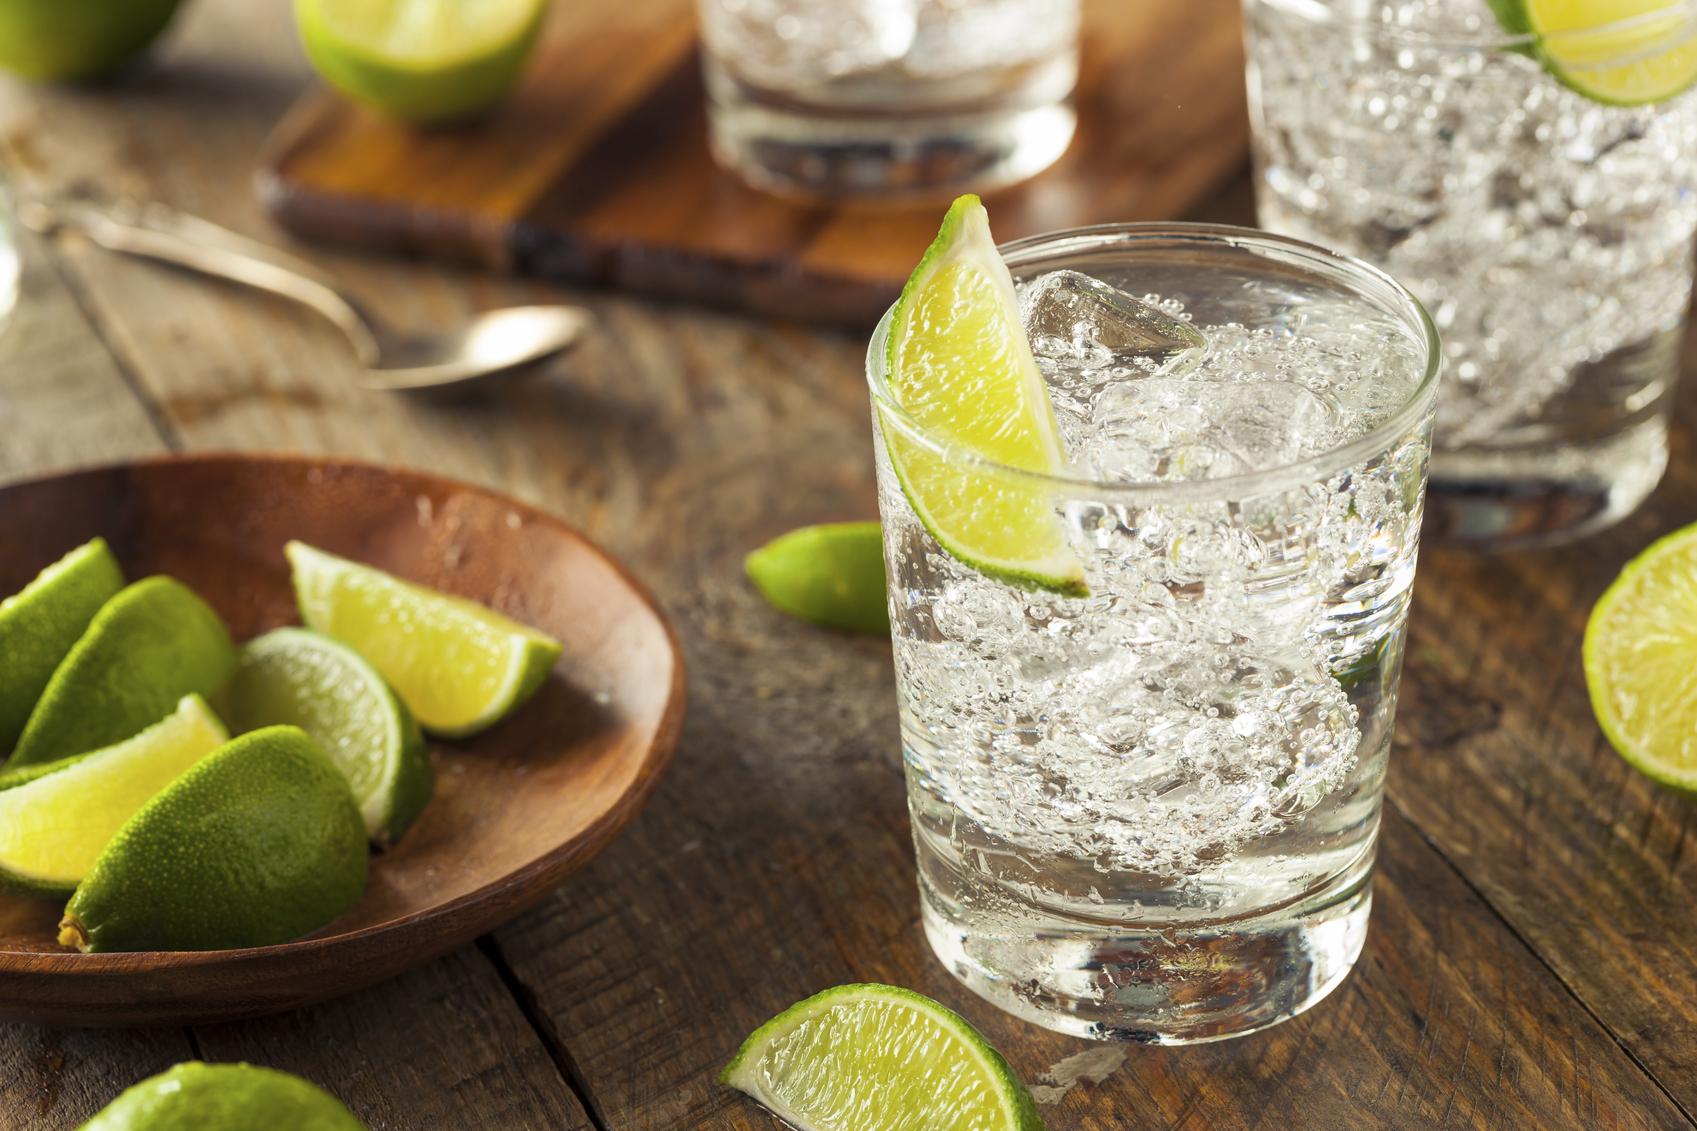 1 Mars Bar = 3.4 vodka sodas